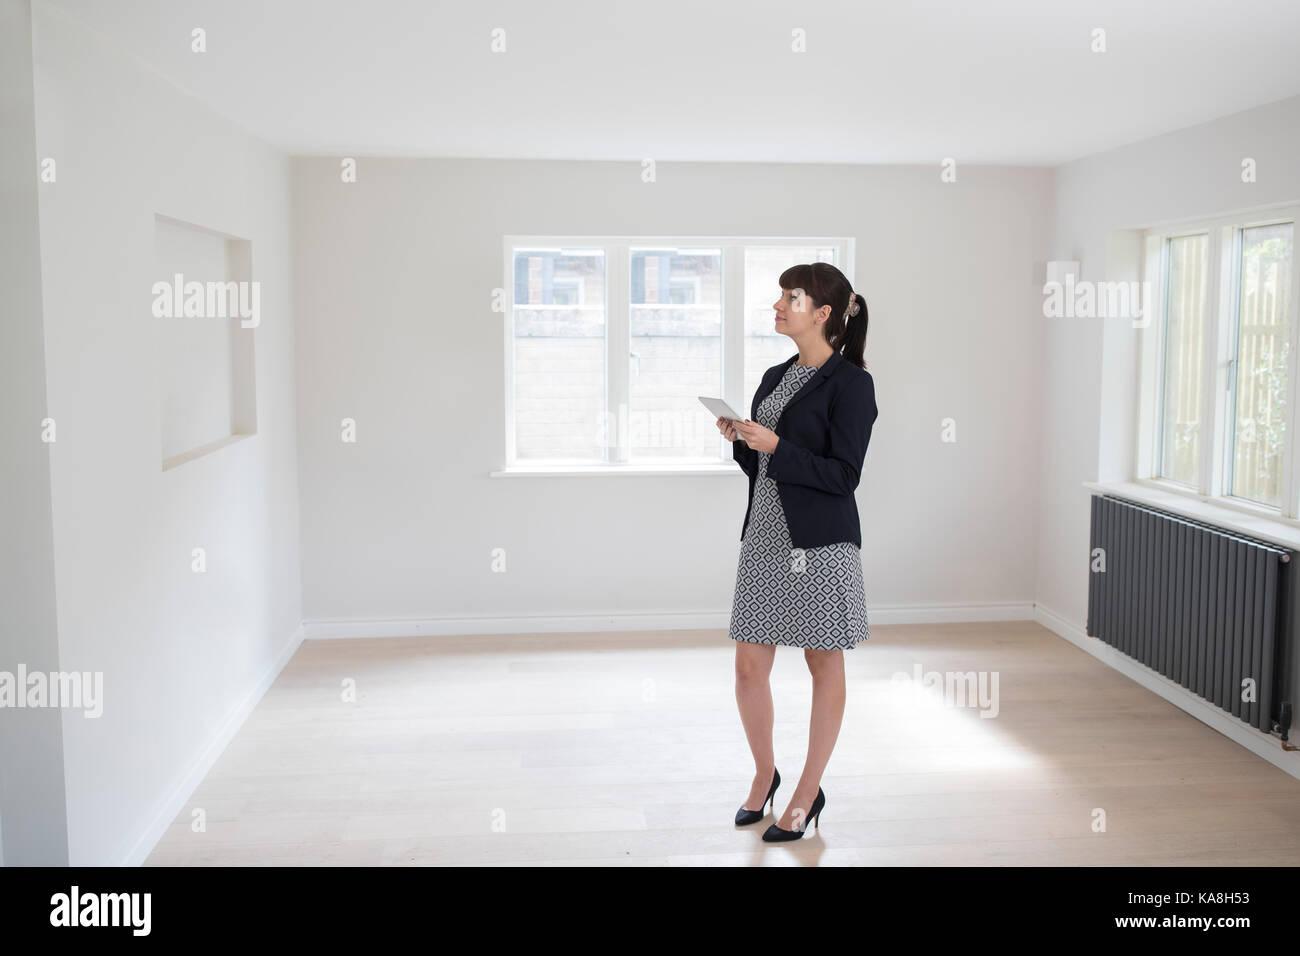 Agente inmobiliario hembra con tableta digital mirar alrededor de bienes vacantes para la valoración Imagen De Stock